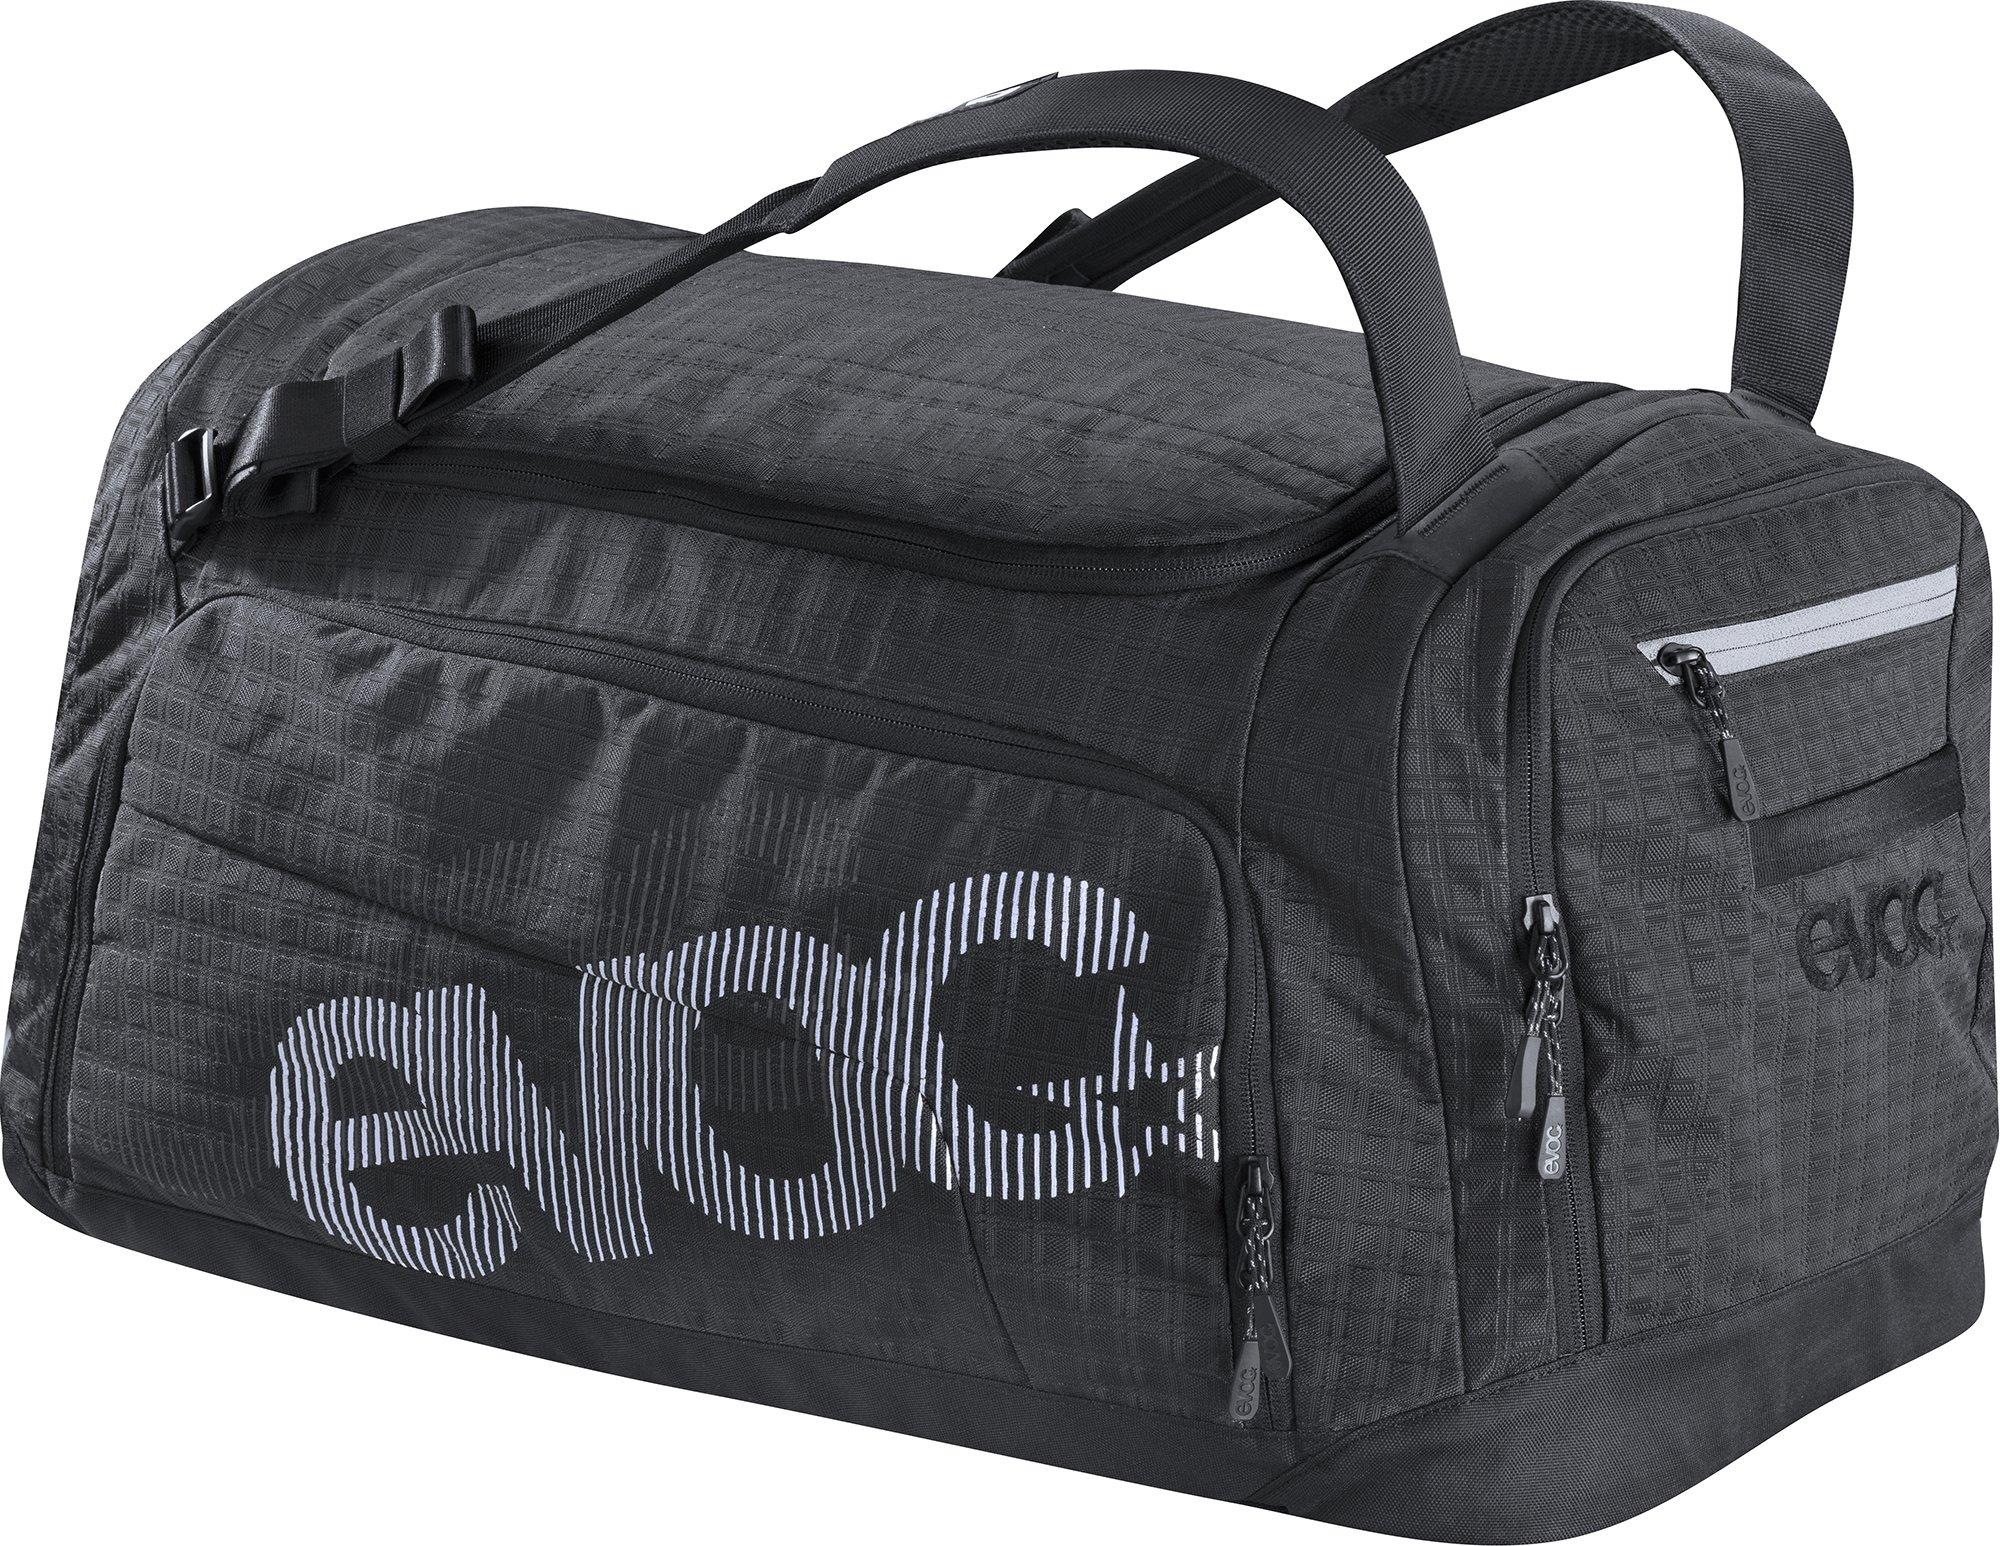 Evoc Black Transition - 55 Litre Gear Bag (Default , Black)